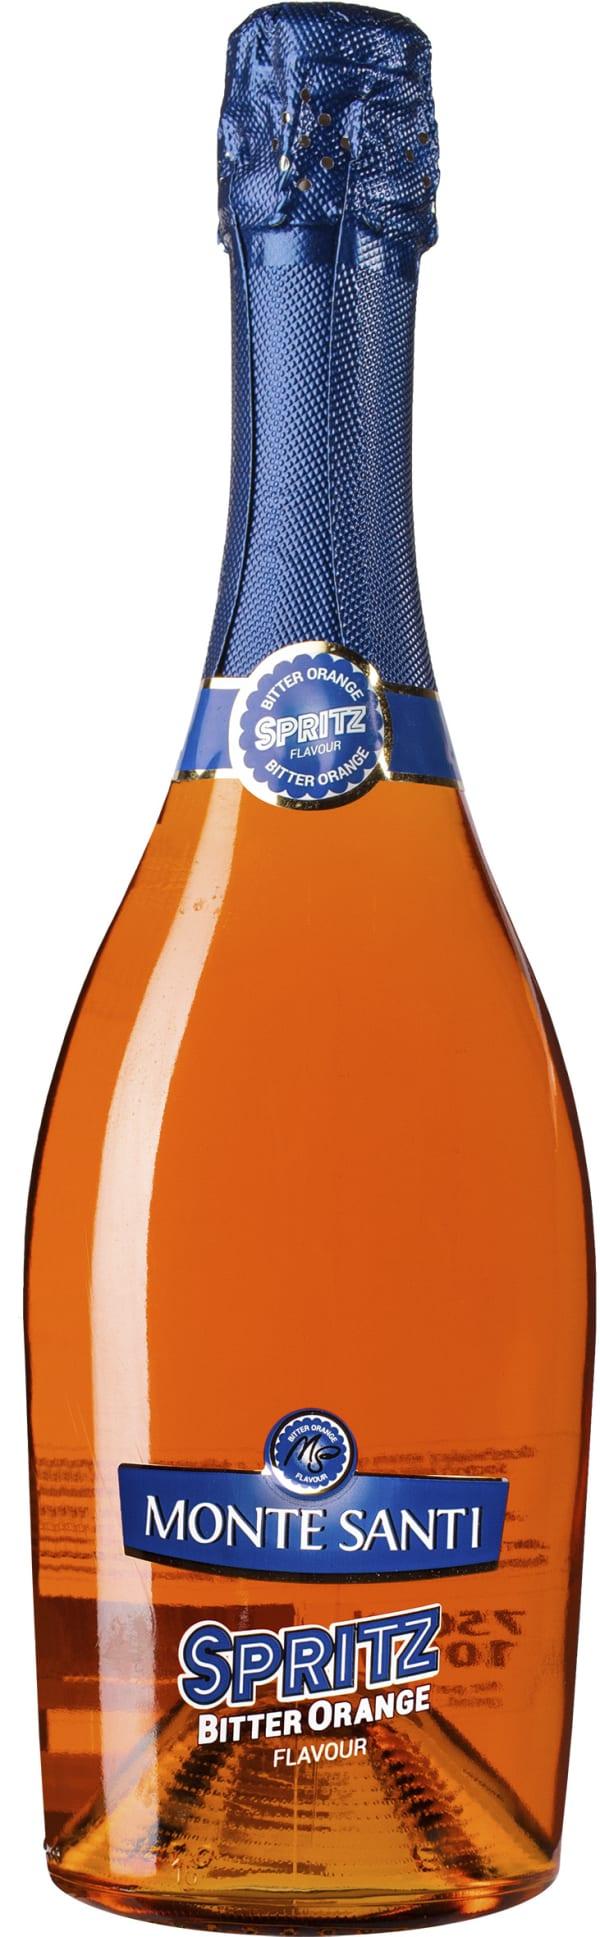 Monte Santi Spritz Bitter Orange